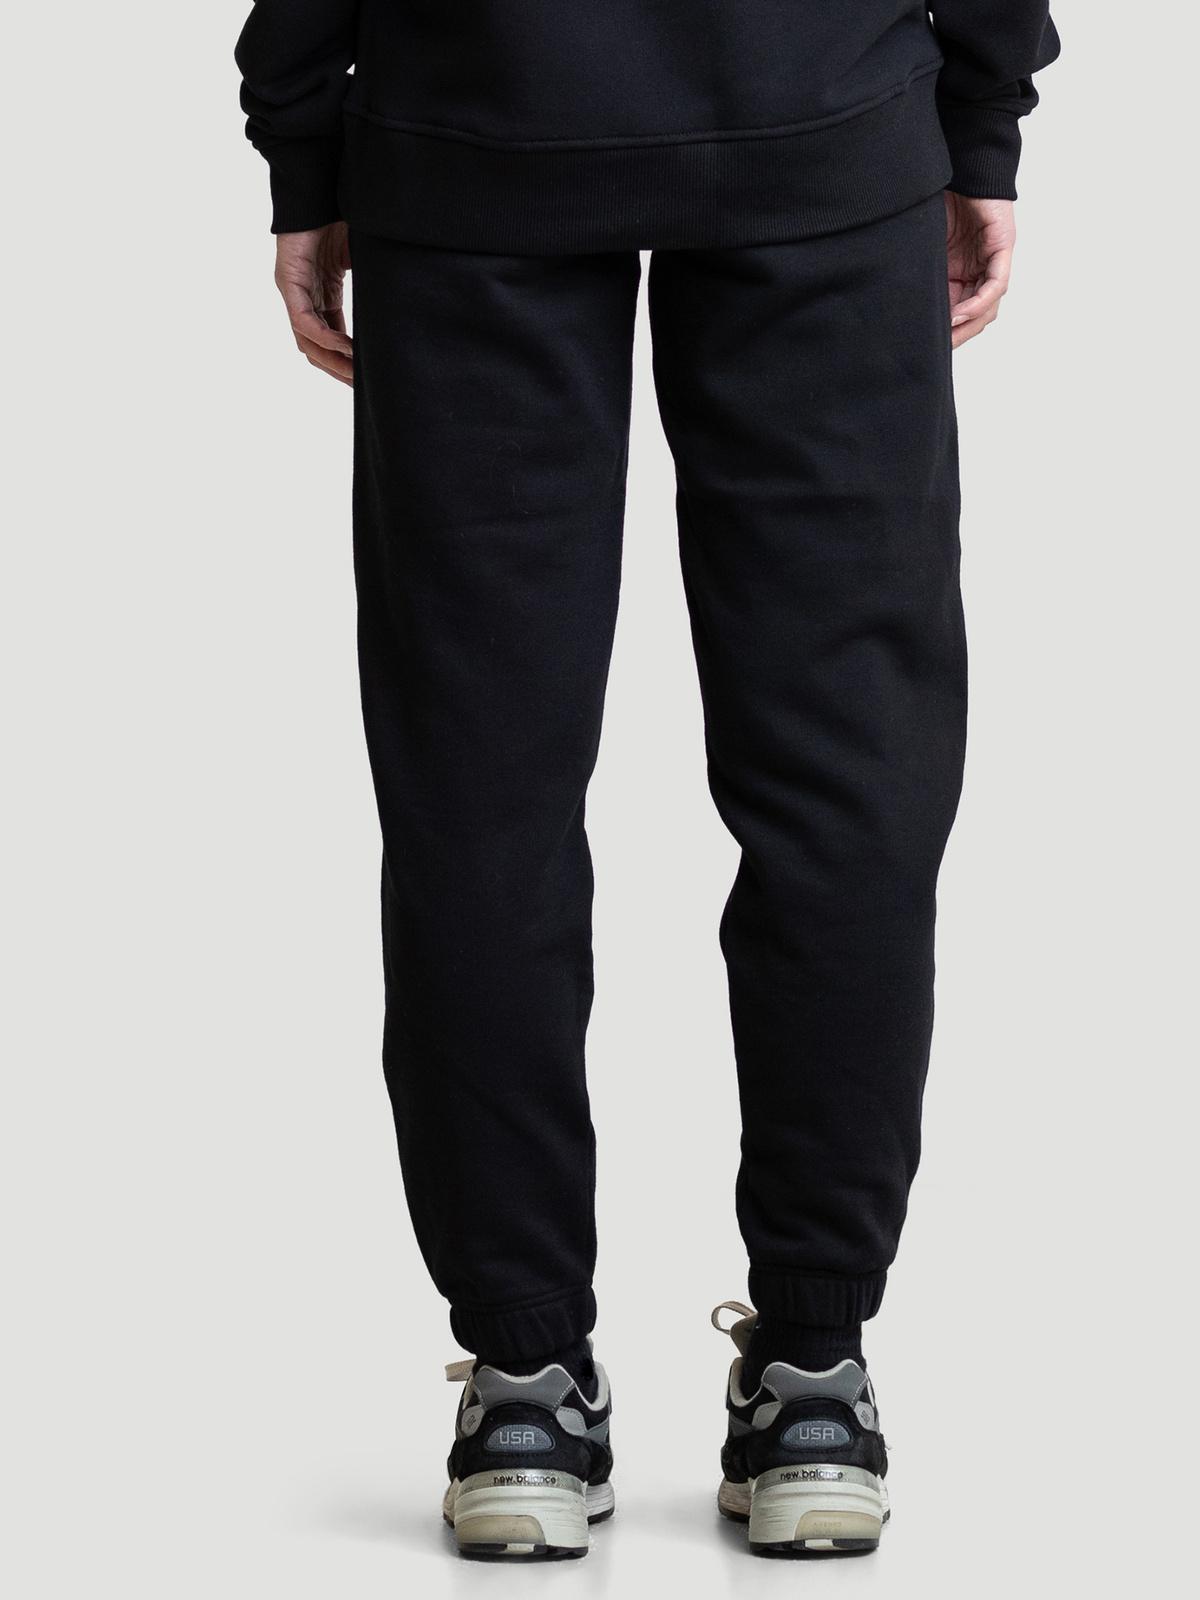 Hanger Trousers Black 10